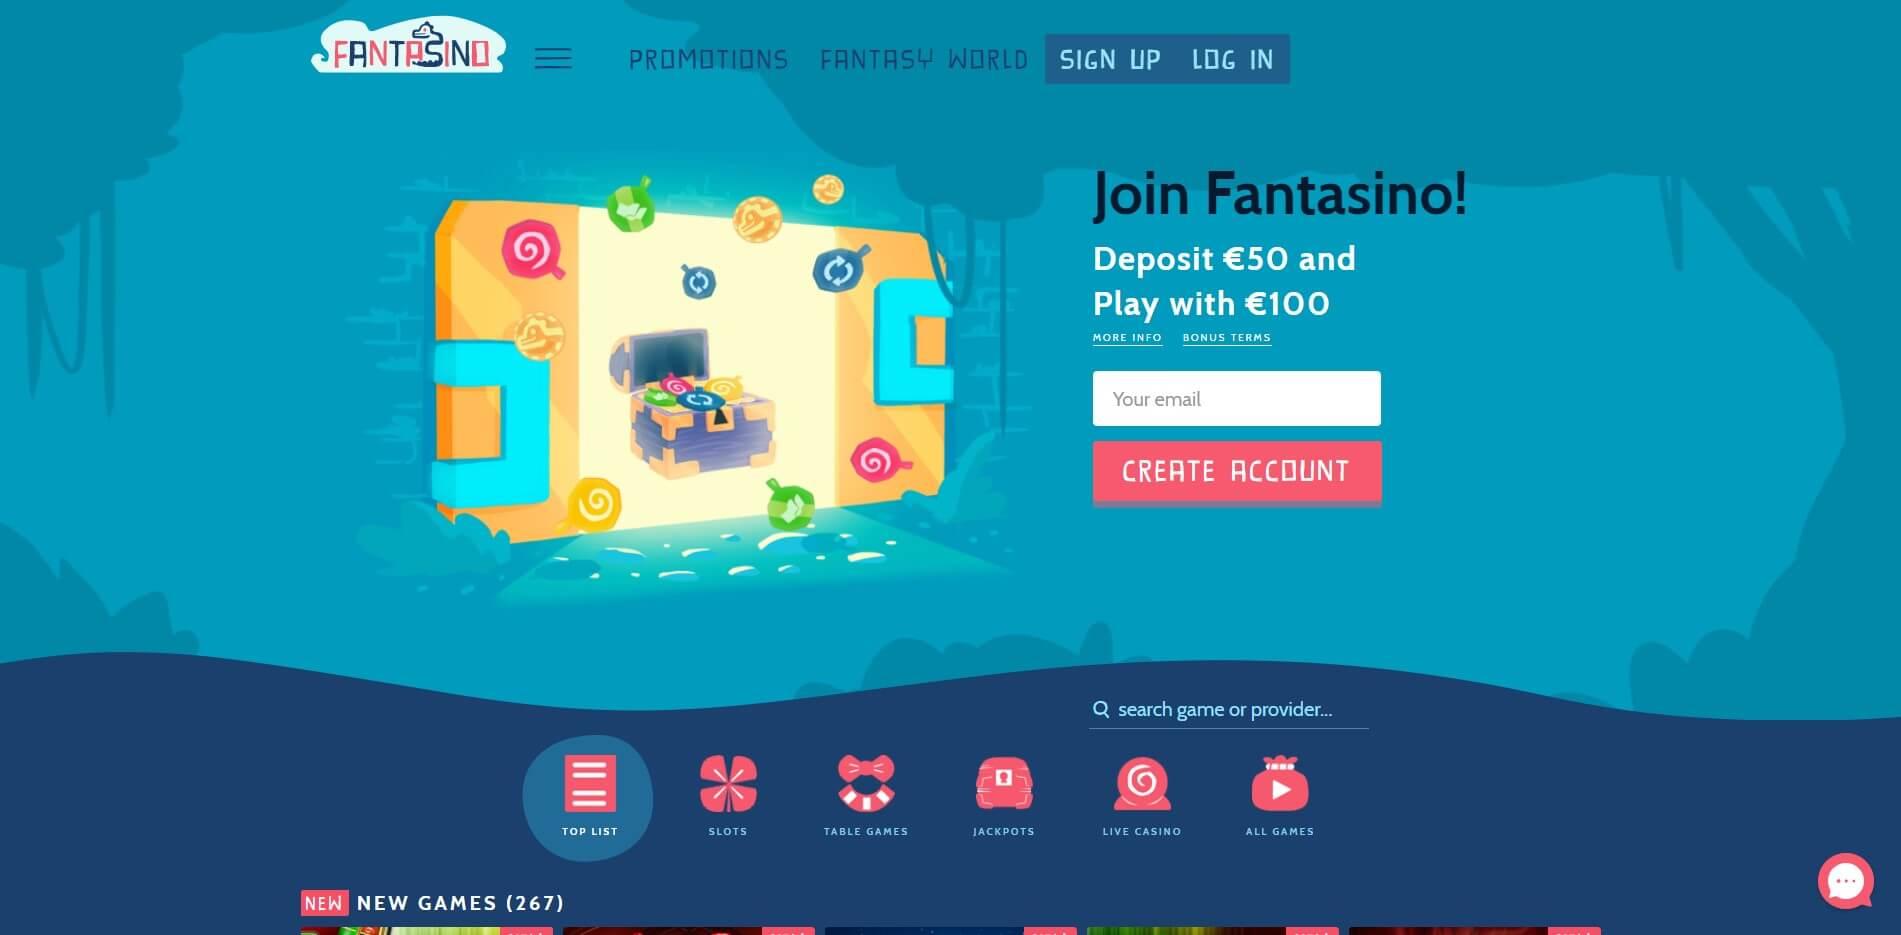 fantasino.com - Website Review